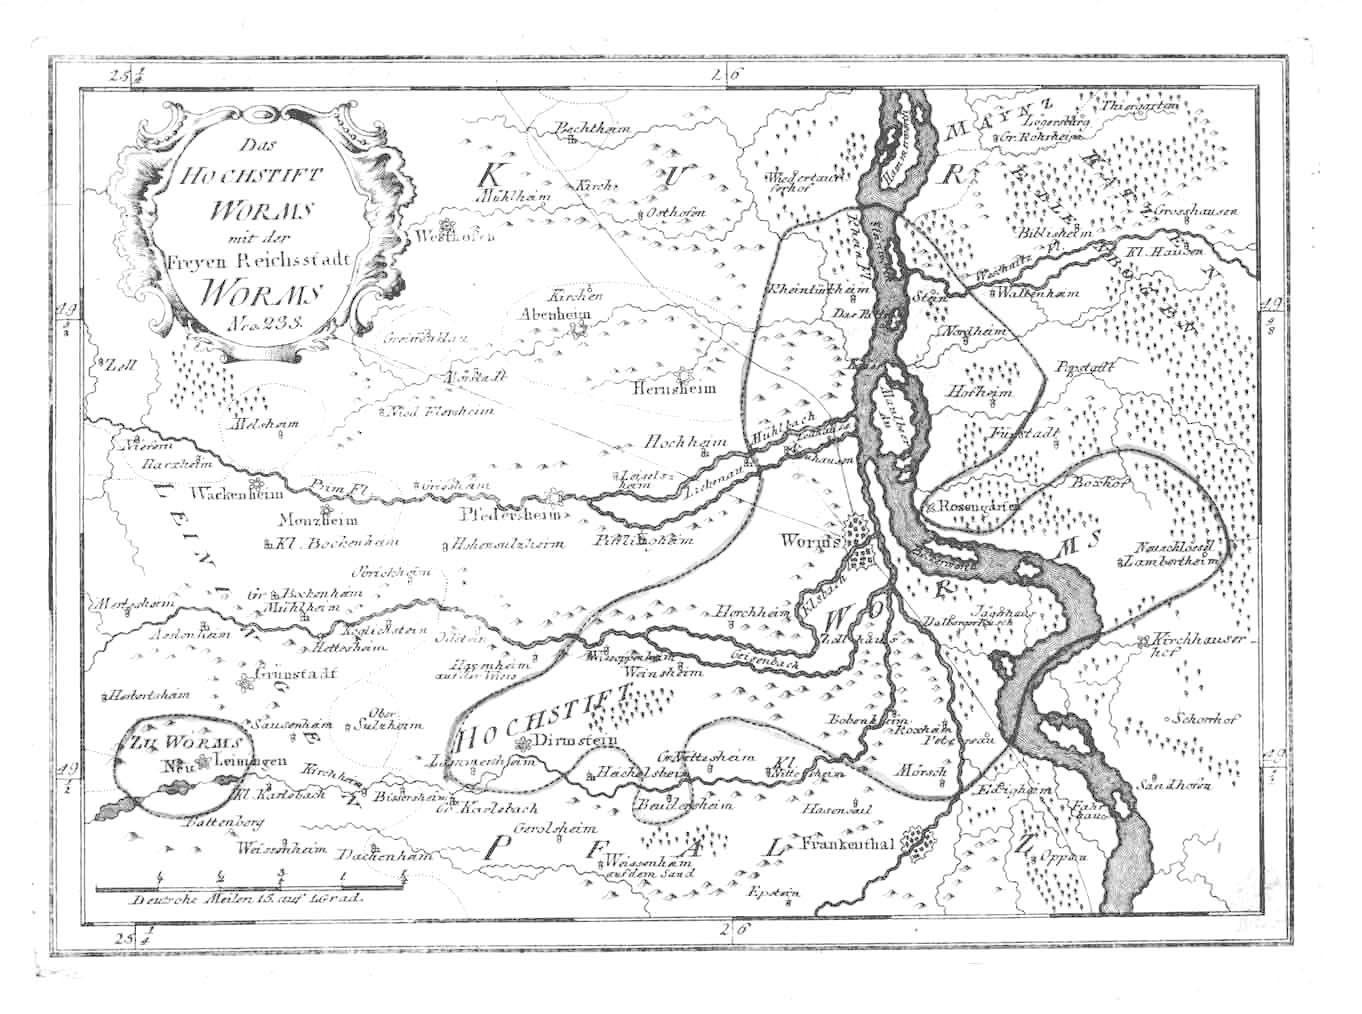 Das Hochstift Worms mit der Freyen Reichsstadt Worms Nro